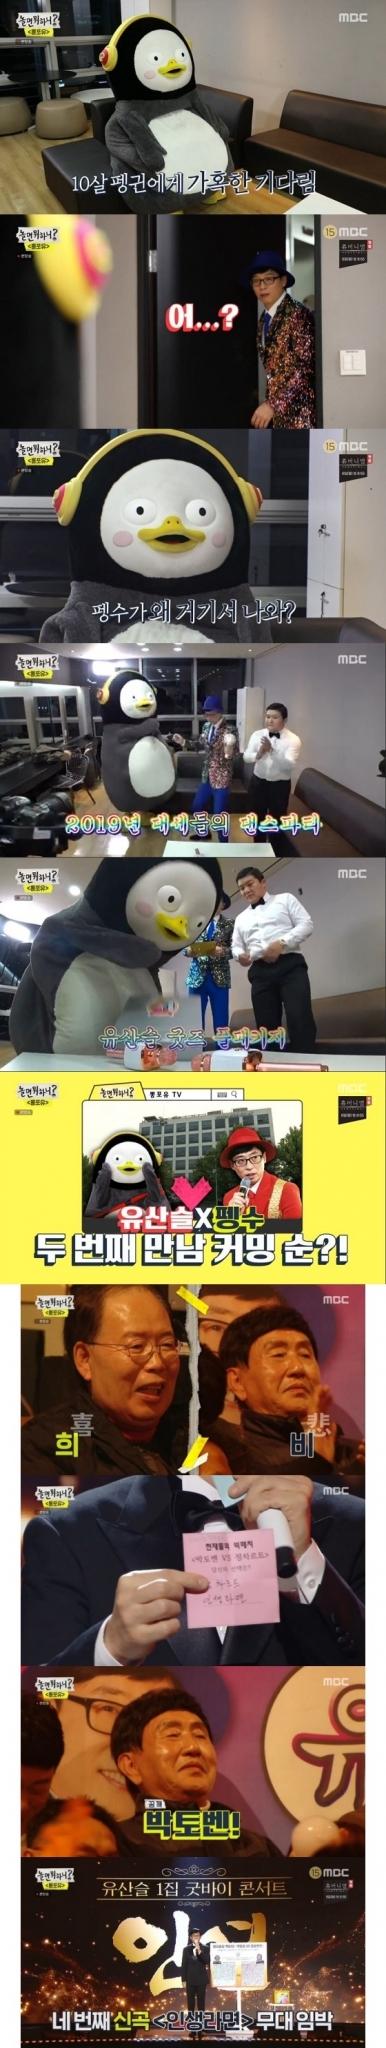 사진=MBC '놀면 뭐하니' 방송화면 캡쳐